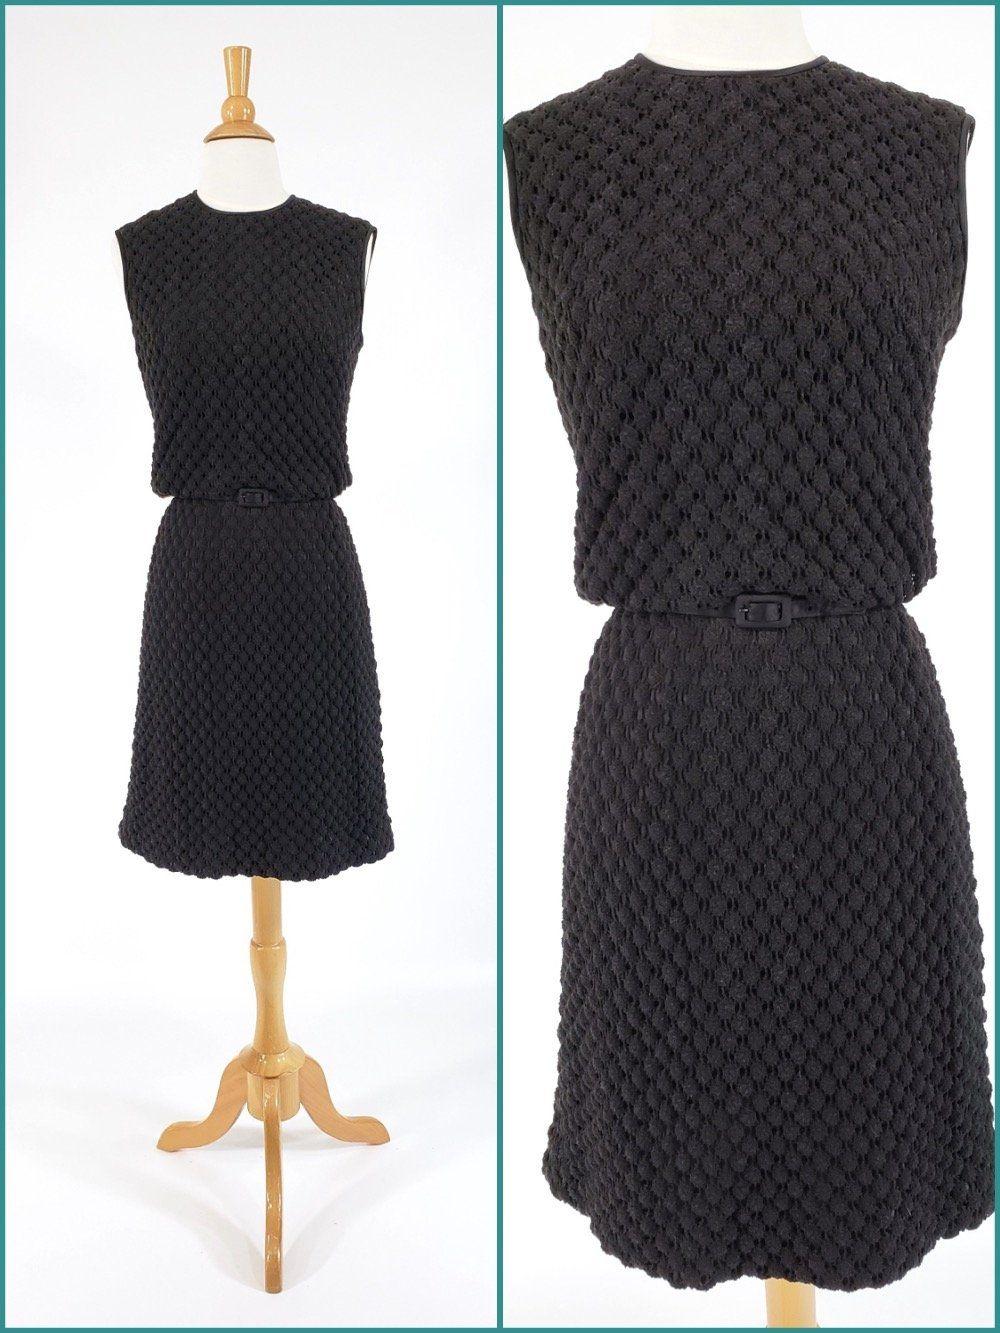 60s Black Popcorn Knit Sheath Dress In 2021 Knit Sheath Dress Professional Dresses Dresses [ 1333 x 1000 Pixel ]